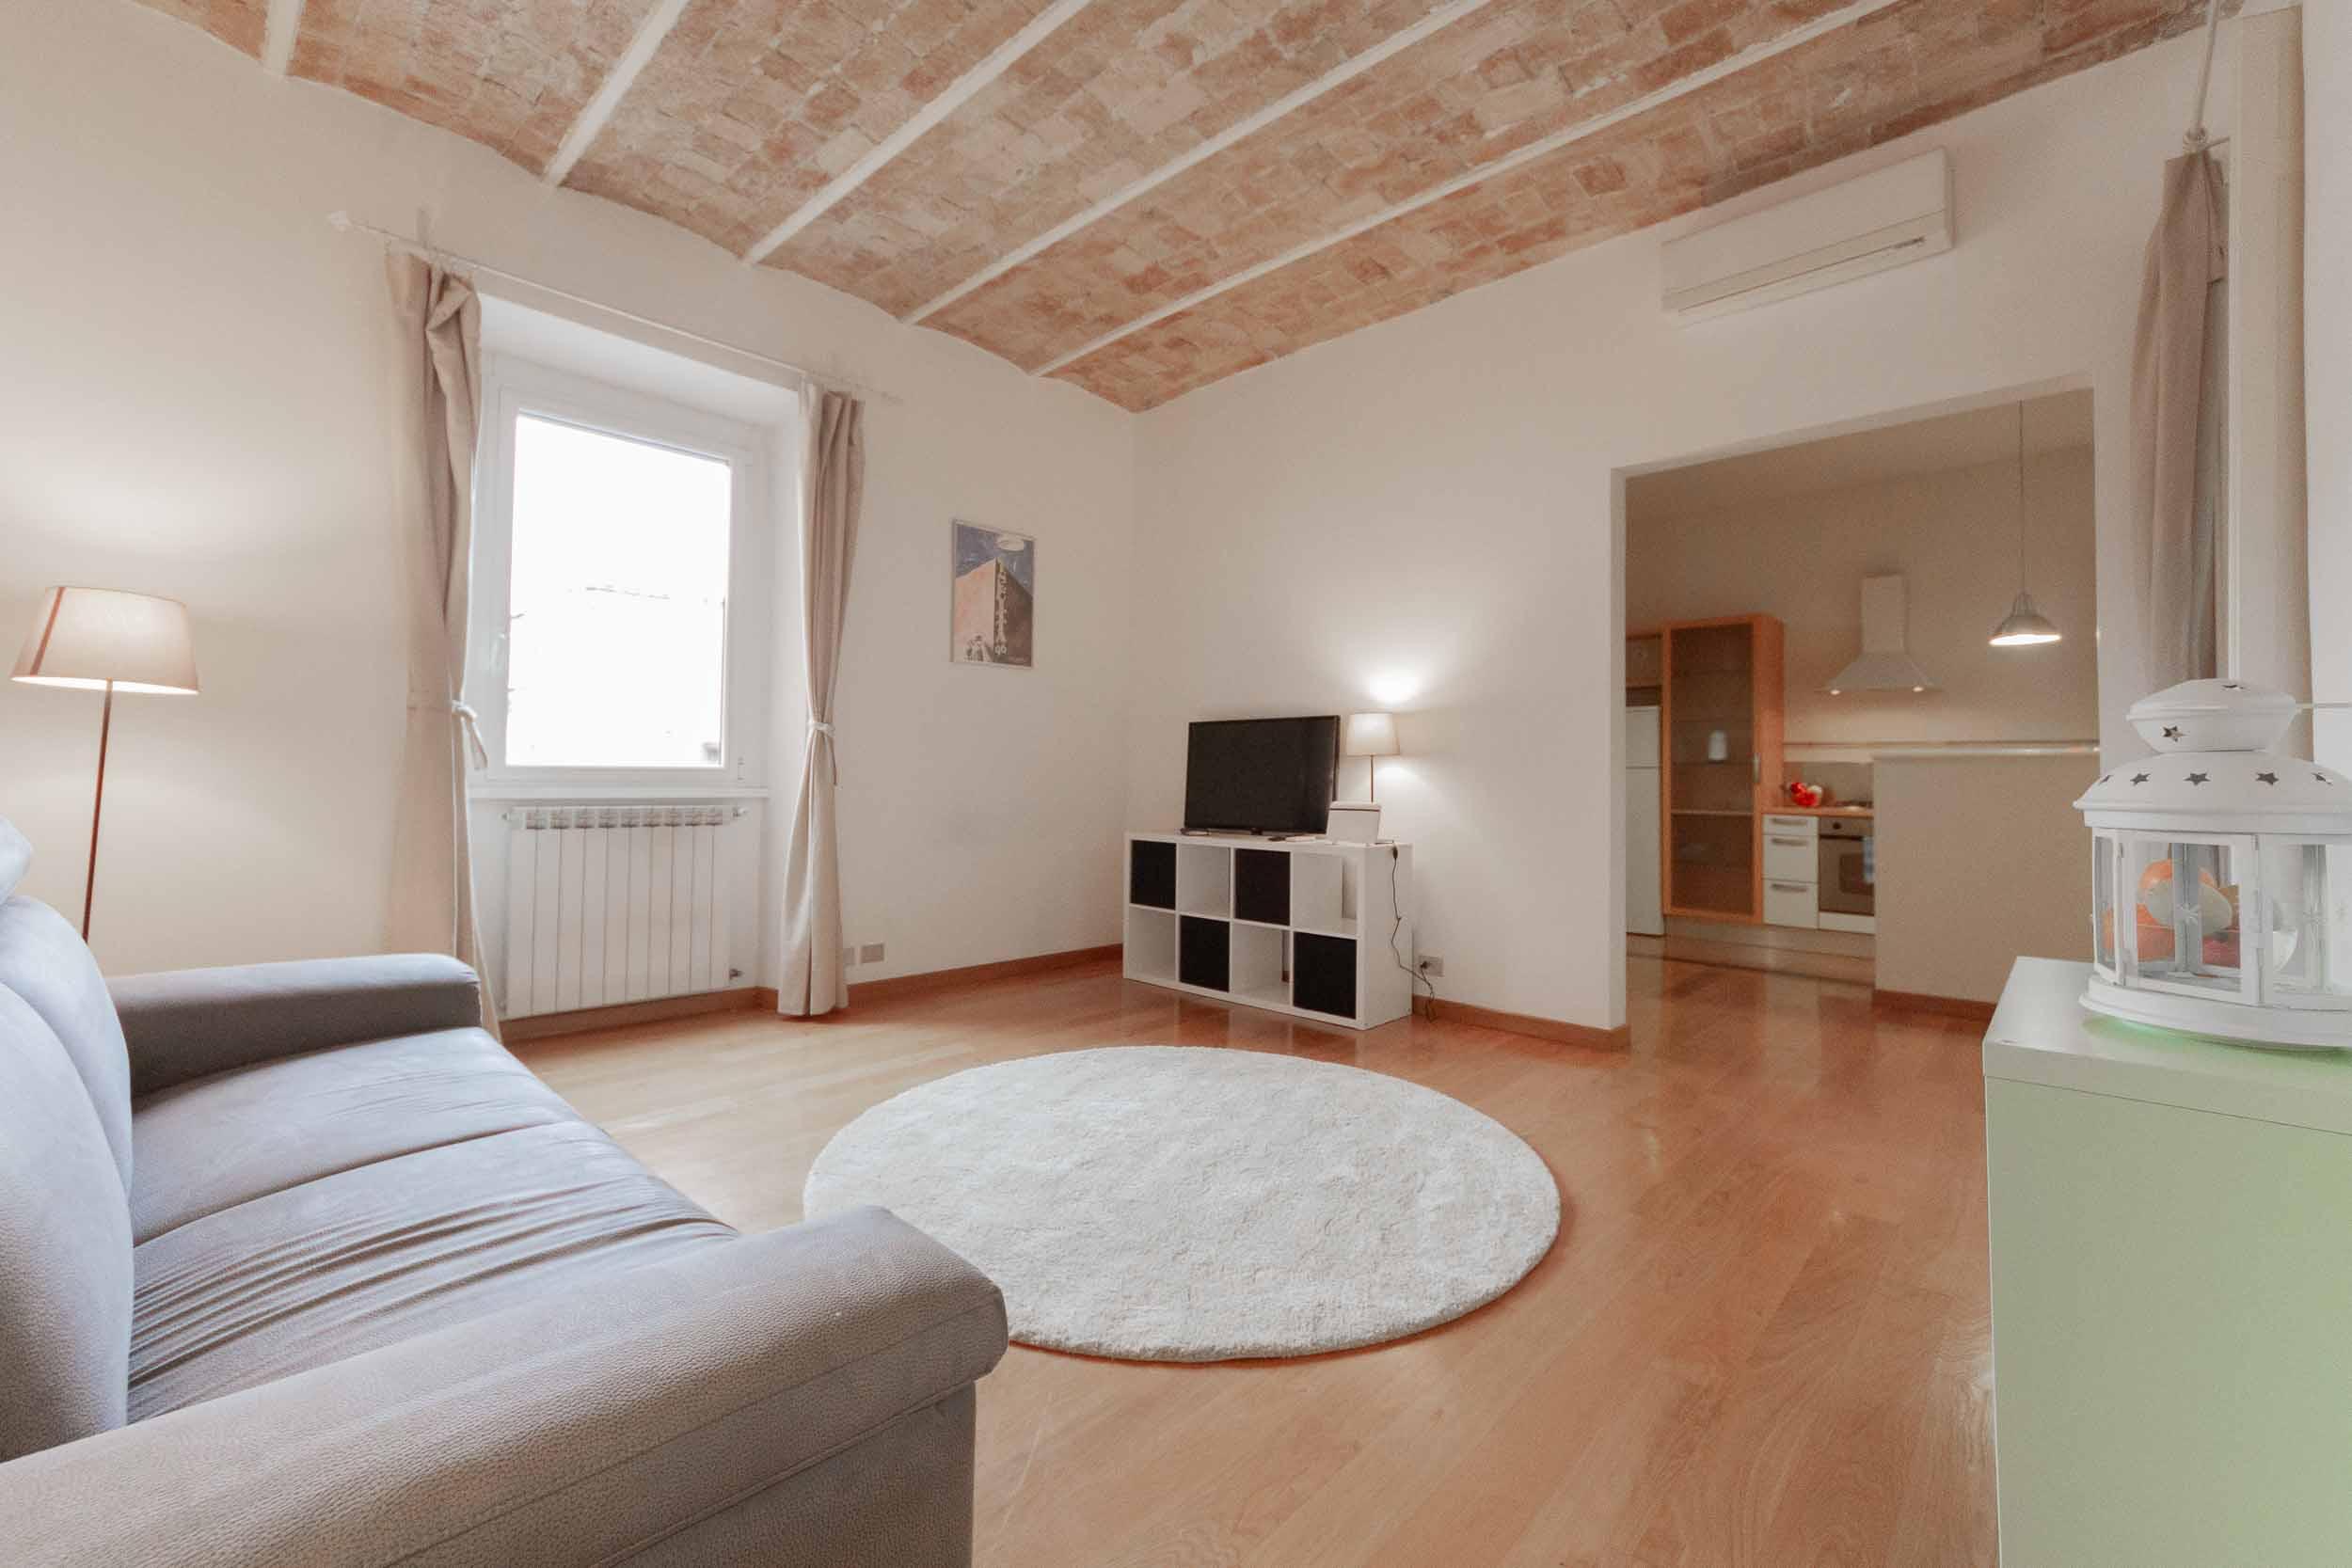 Case in Vendita Roma Prati: Appartamento a Borgo Vittorio con Viste sulla Cupola di San Pietro